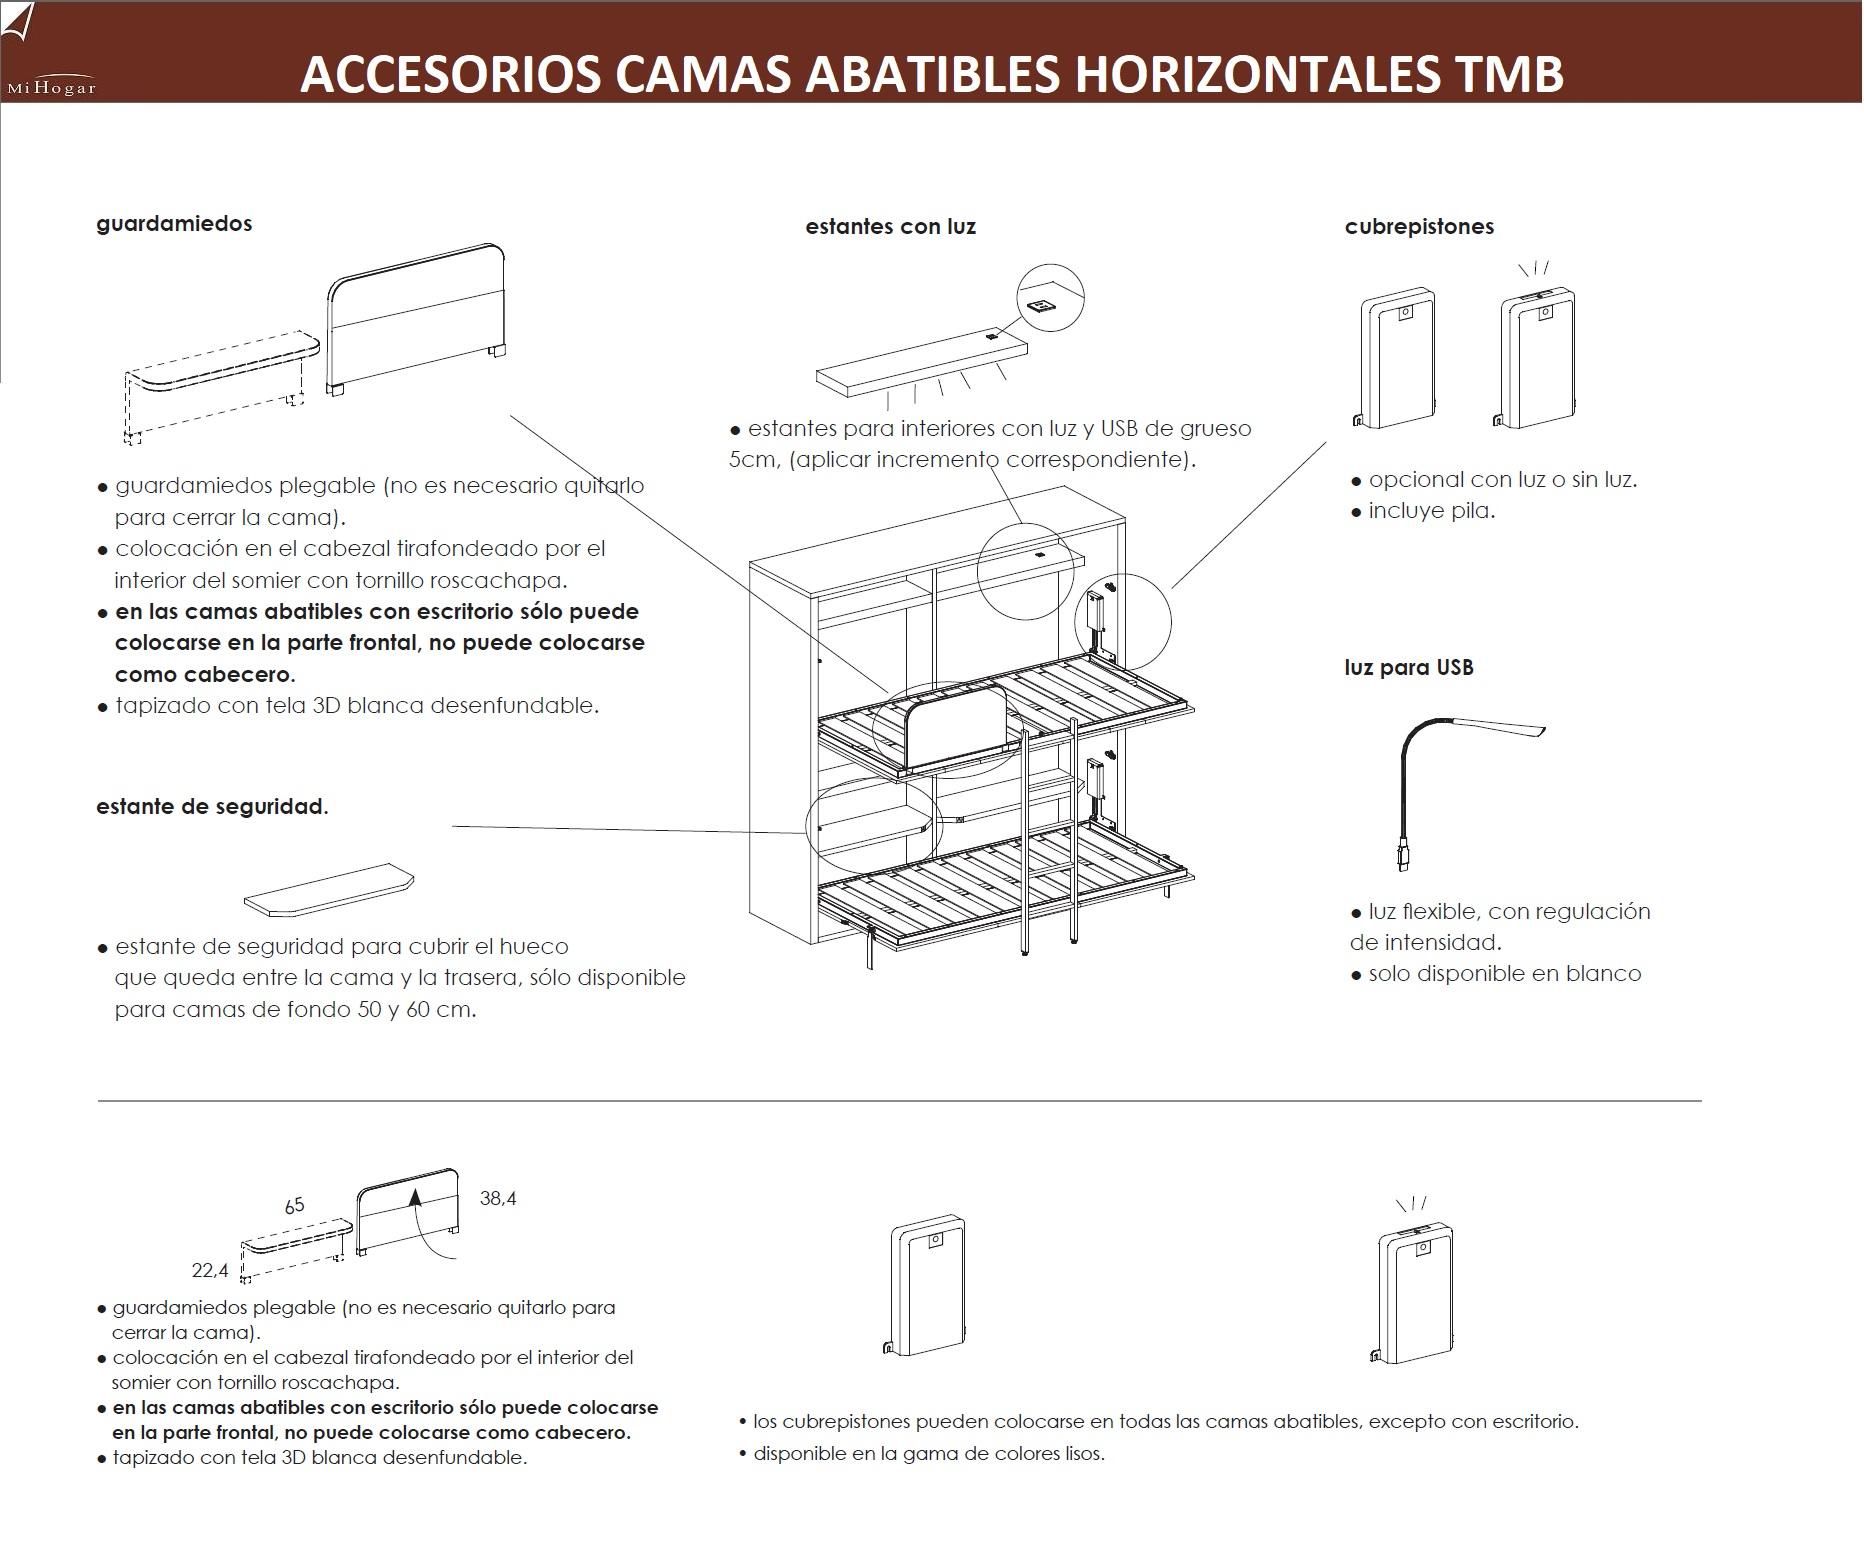 Cama abatible horizontal con armario de puertas - Mecanismo para camas abatibles ...